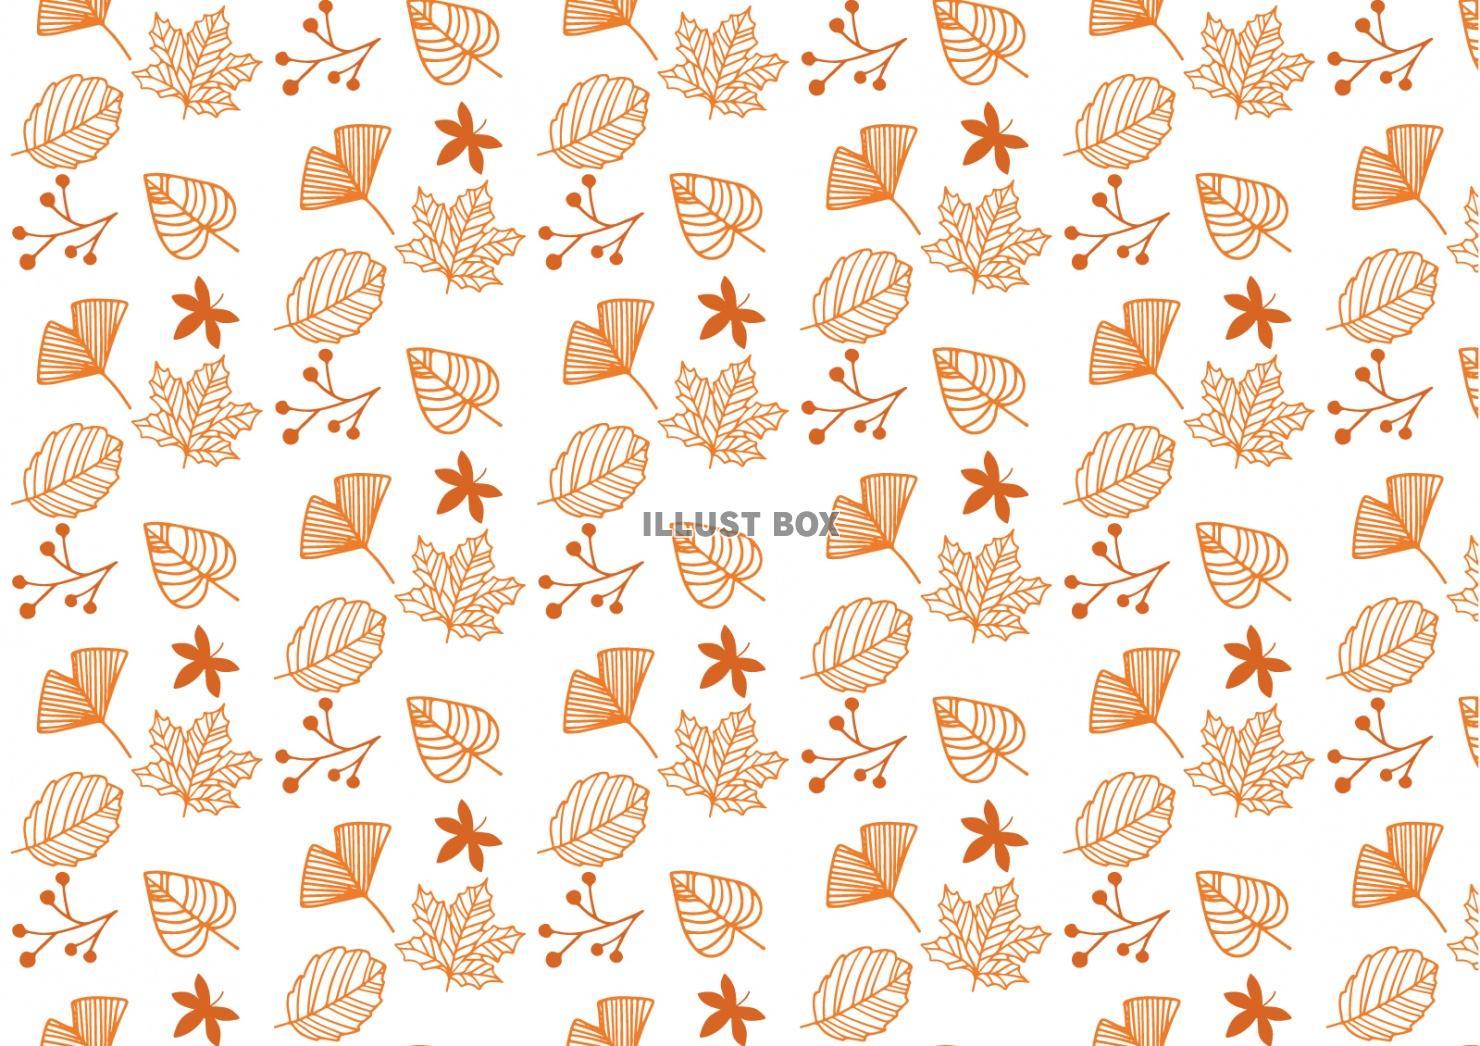 無料イラスト 秋の植物背景パターン